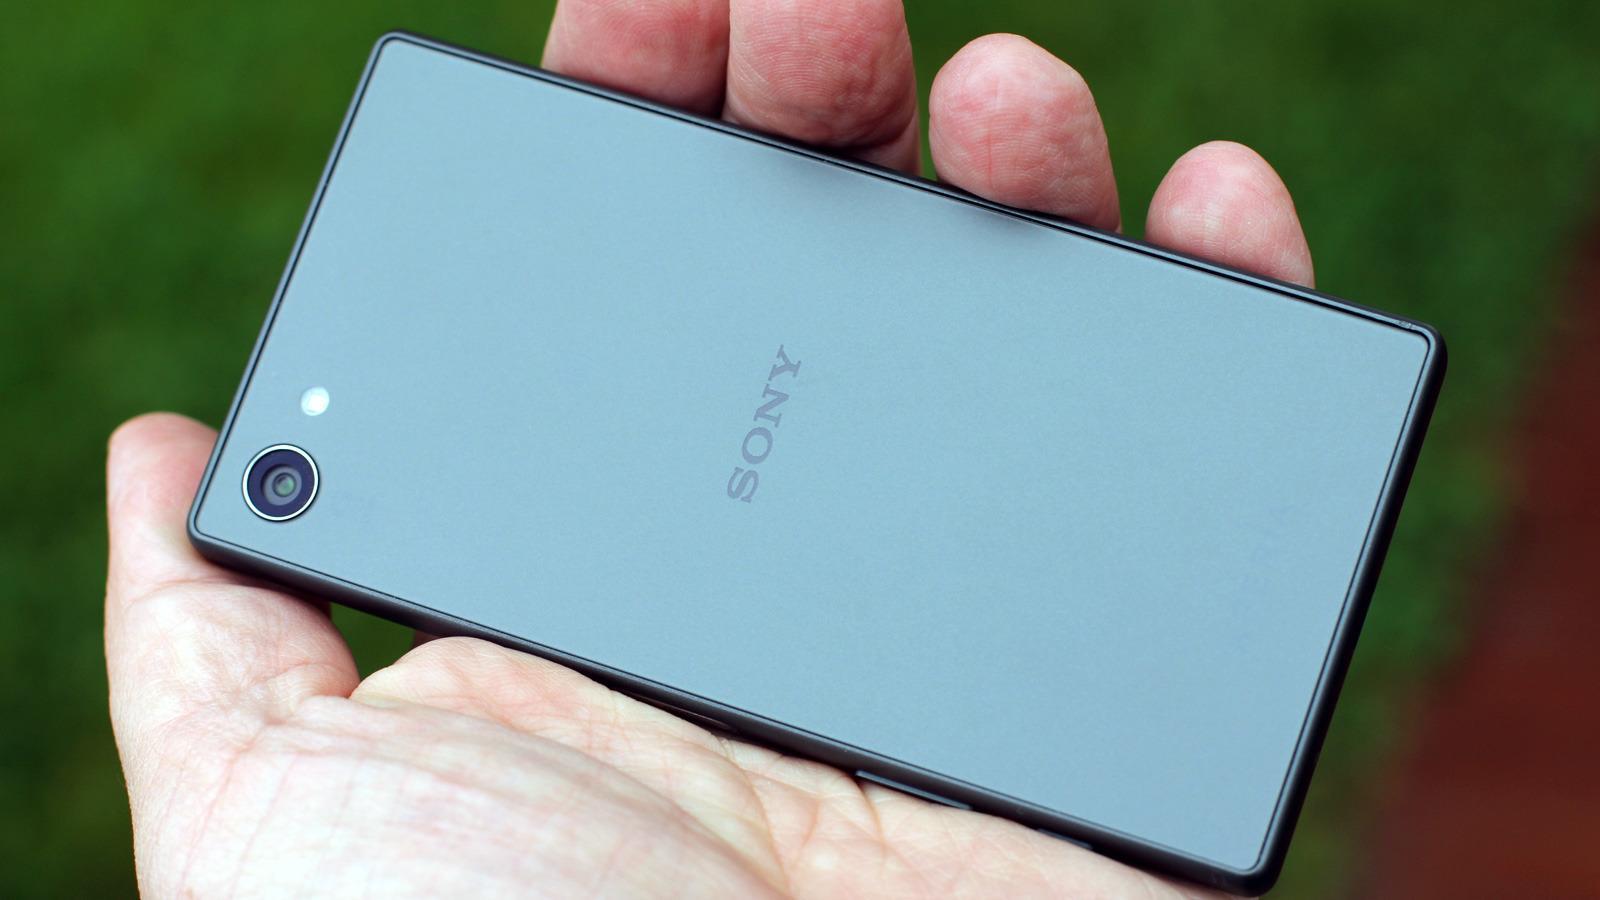 Sonys Xperia Z5 Compact er en knallgod telefon, og prisen nærmer seg det mange arbeidsplasser dekker. Foto: Espen Irwing Swang, Tek.no